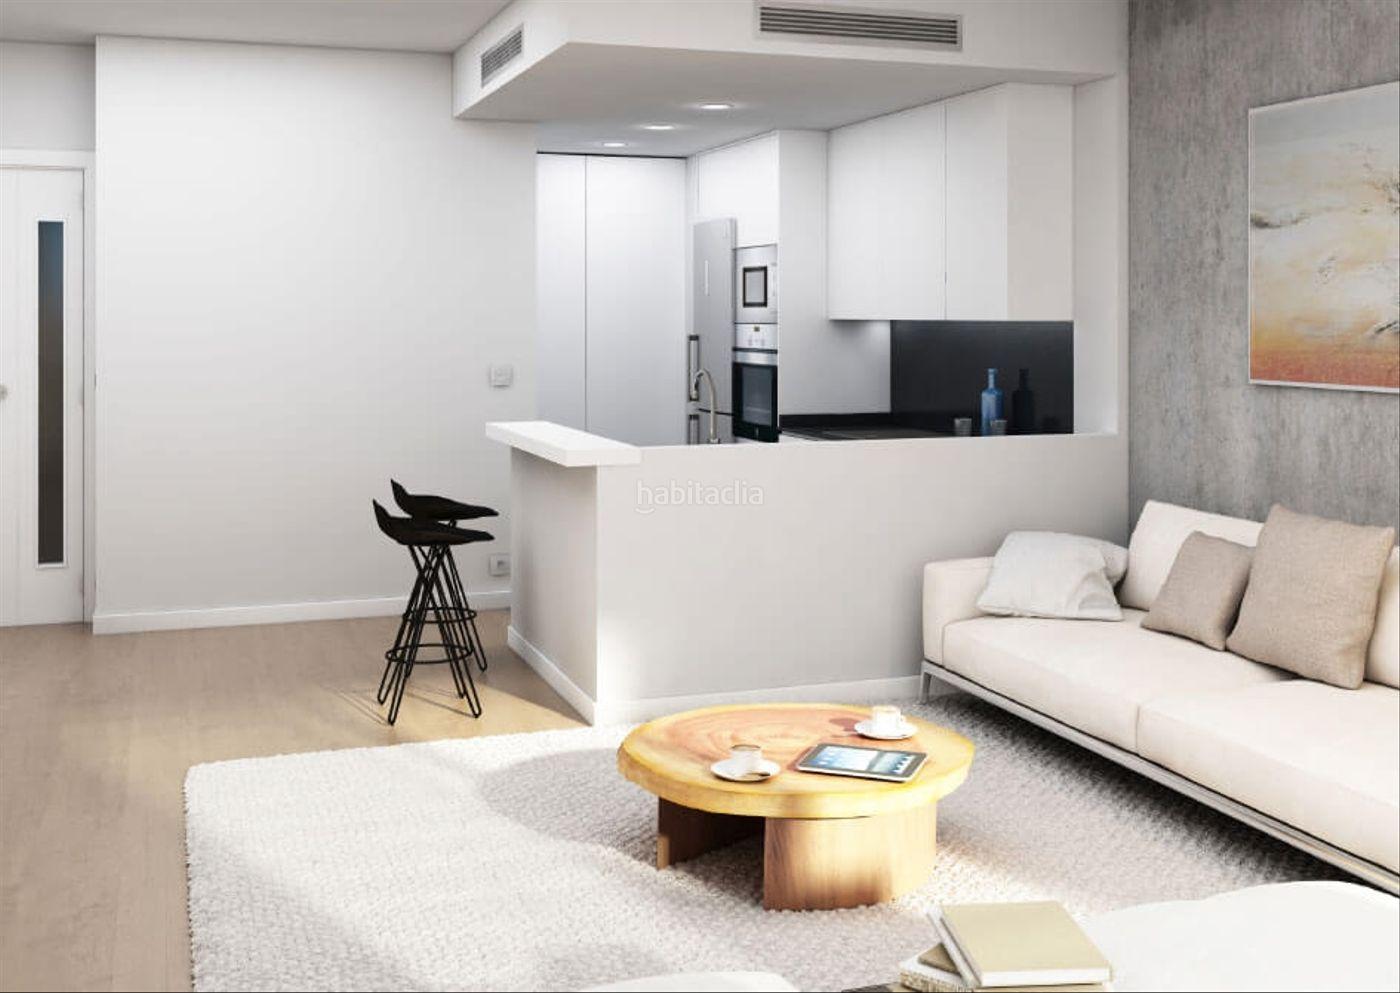 Carrer Josep Balaguer,mus, 24 Edificio viviendas Obra nueva Palma de Mallorca